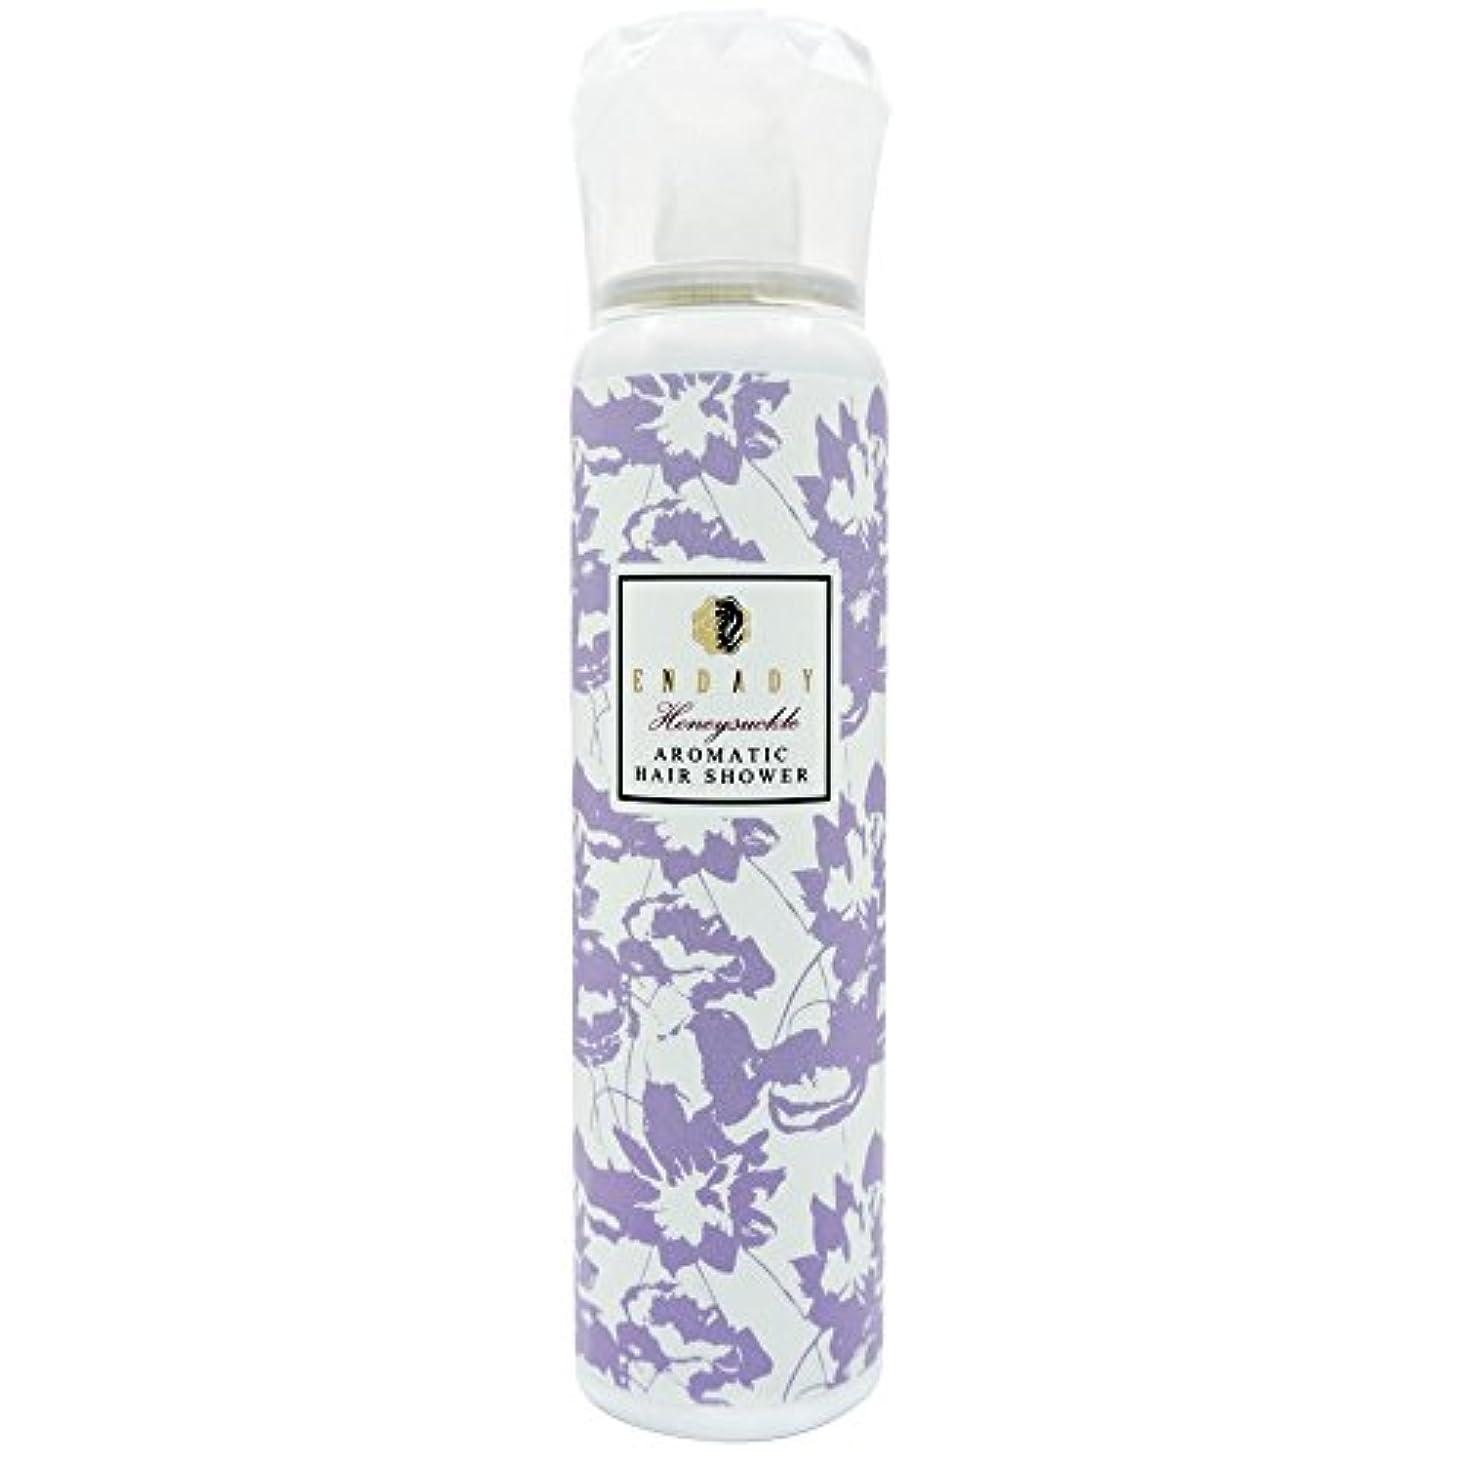 睡眠疾患全国エンダディ アロマティック ヘアシャワー 〈ハニーサックルの香り〉 (90g)